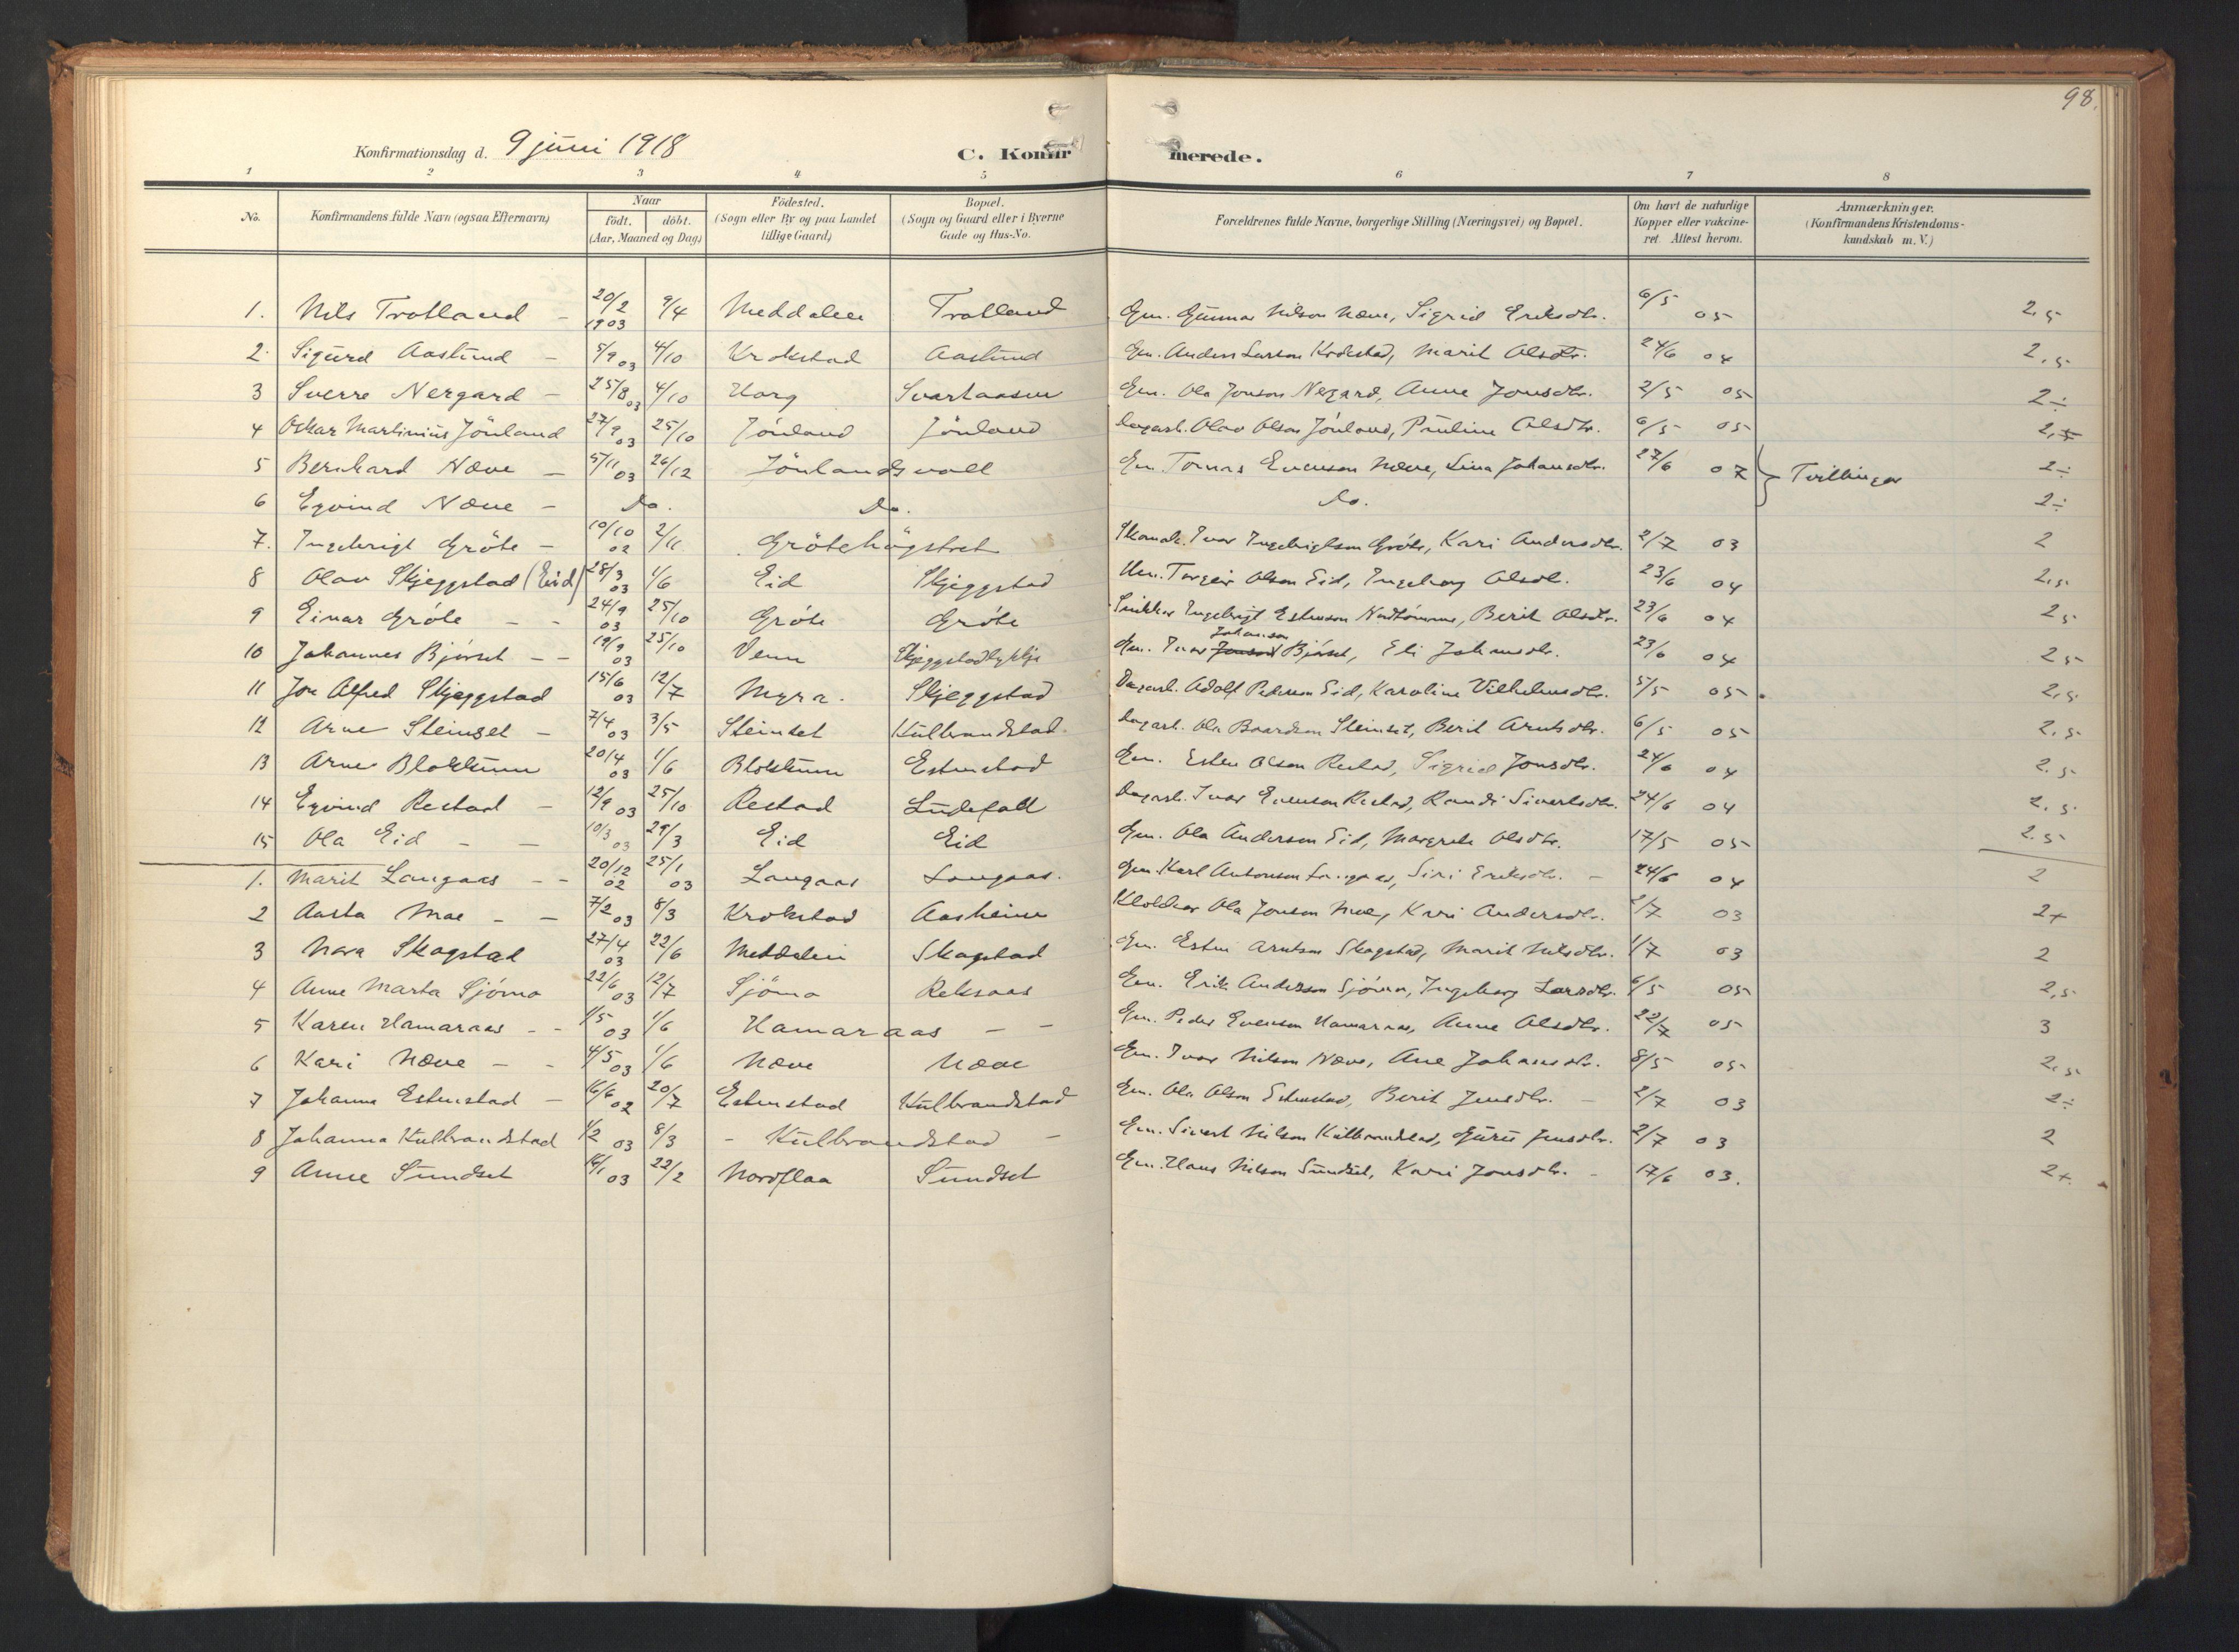 SAT, Ministerialprotokoller, klokkerbøker og fødselsregistre - Sør-Trøndelag, 694/L1128: Ministerialbok nr. 694A02, 1906-1931, s. 98